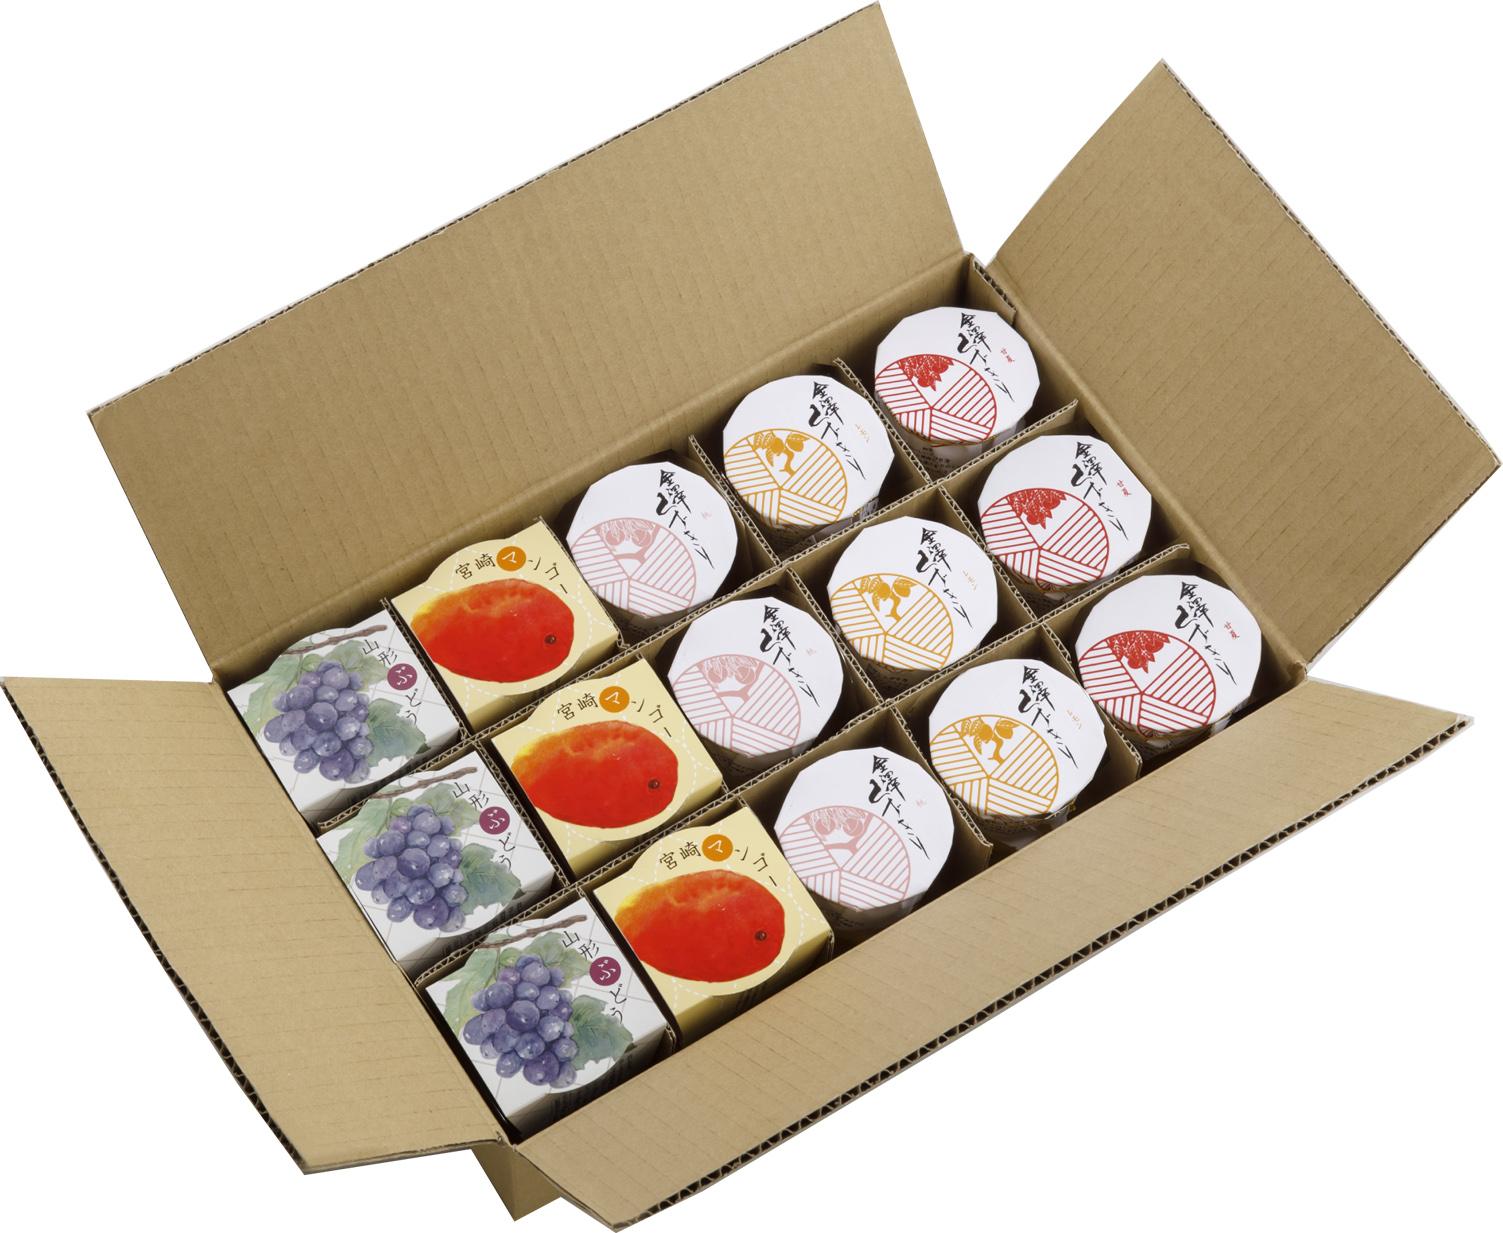 マンゴー、ぶどう、甘夏、レモン、桃の5種が各3個。全部で15個入った、くずきりたっぷり堪能ご自宅用詰合せセットはこちら